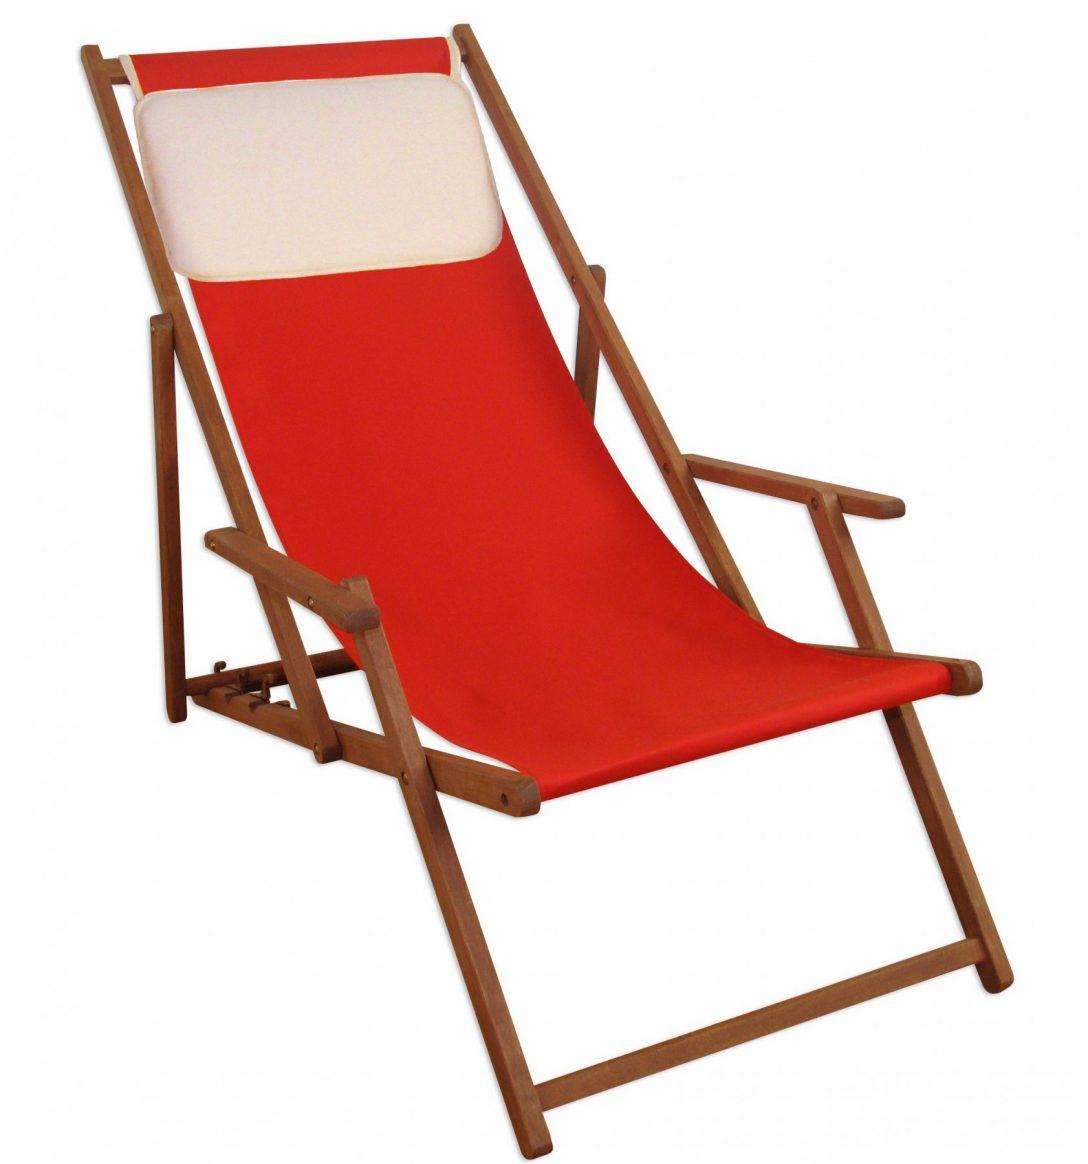 Large Size of Gartenliege Klappbar Sonnenliege Deckchair Rot Liegestuhl Klappbare Holz Bett Ausklappbar Ausklappbares Wohnzimmer Gartenliege Klappbar